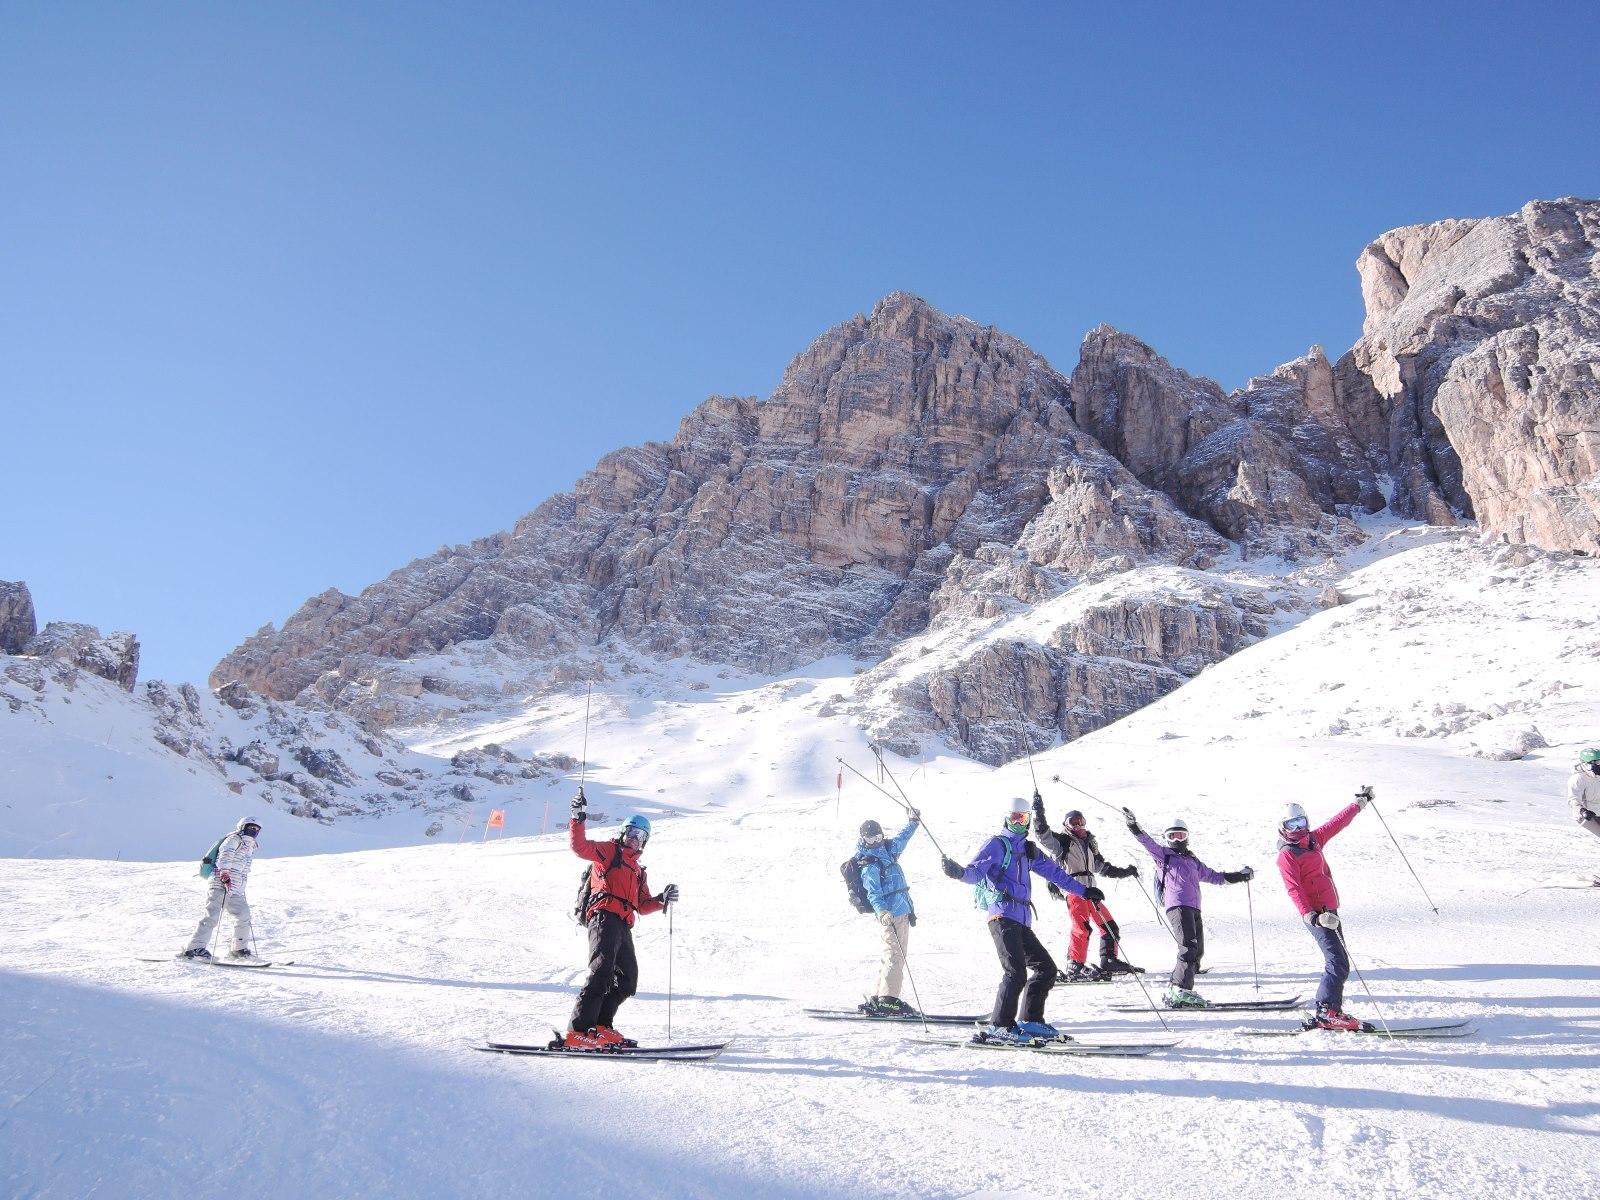 【催行決定・残席僅か】 3月10出発 ドロミテ・スーパー・スキー 8日間